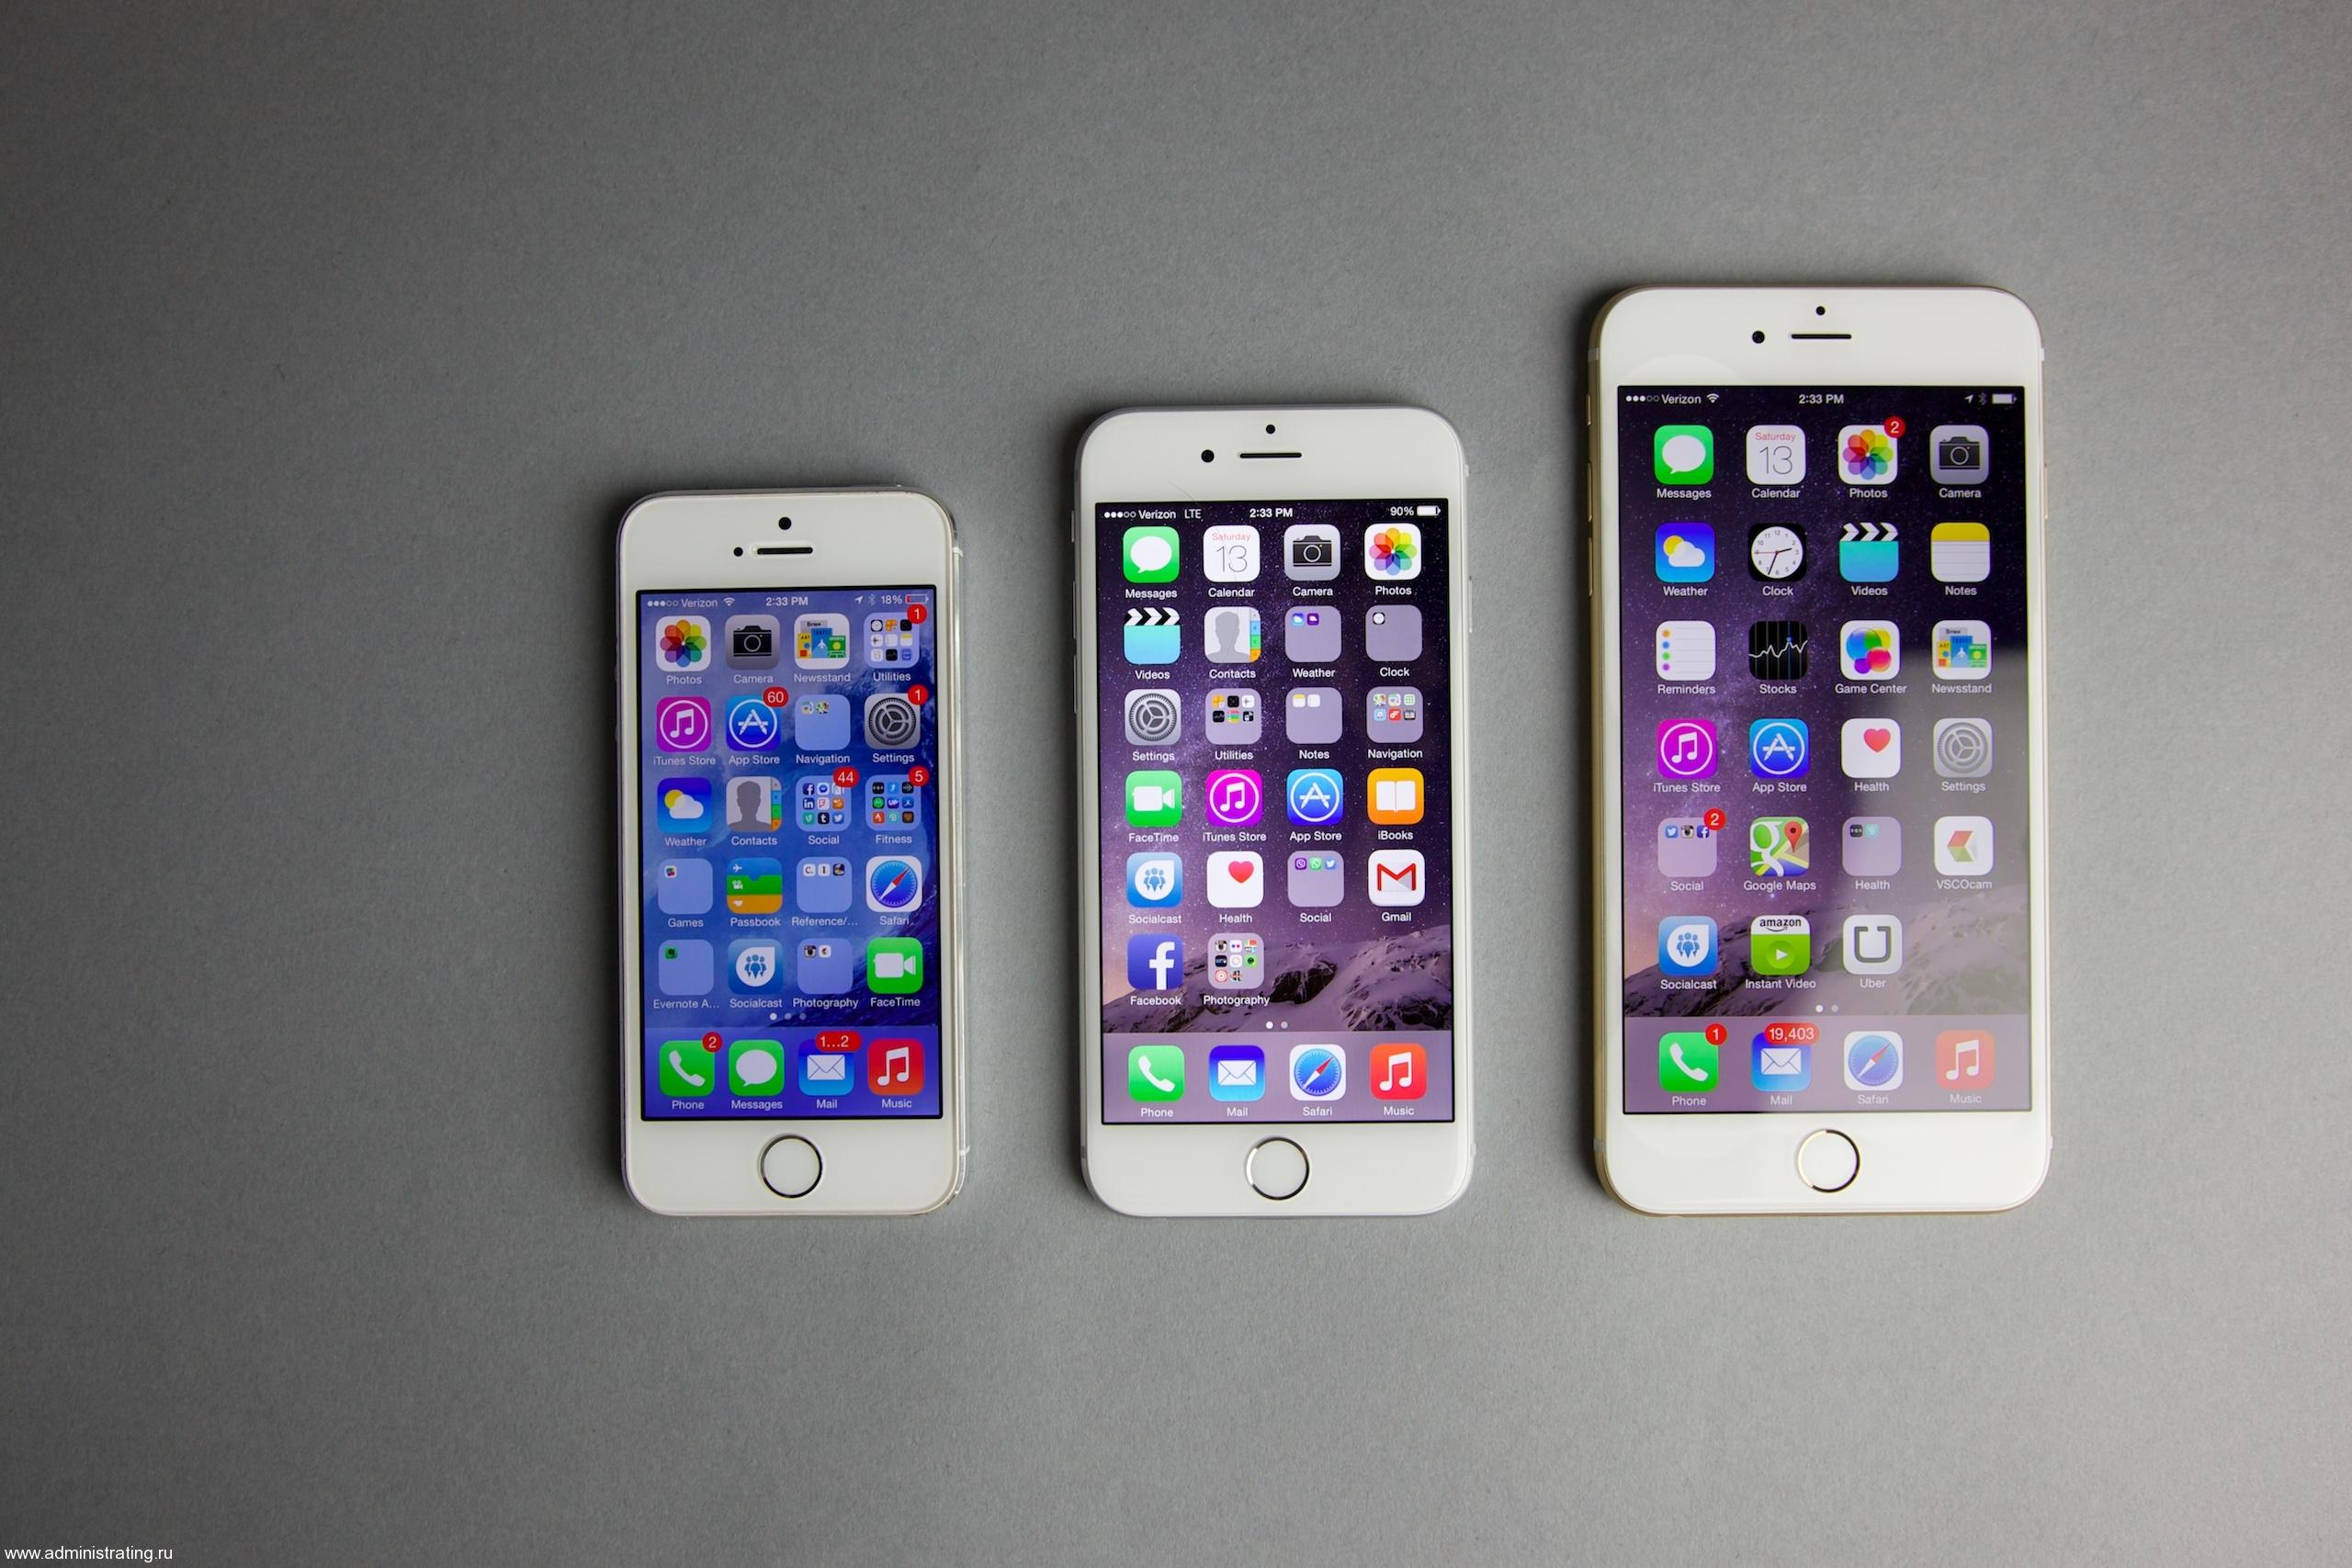 Открывайте новые горизонты с iPhone 6 Plus!